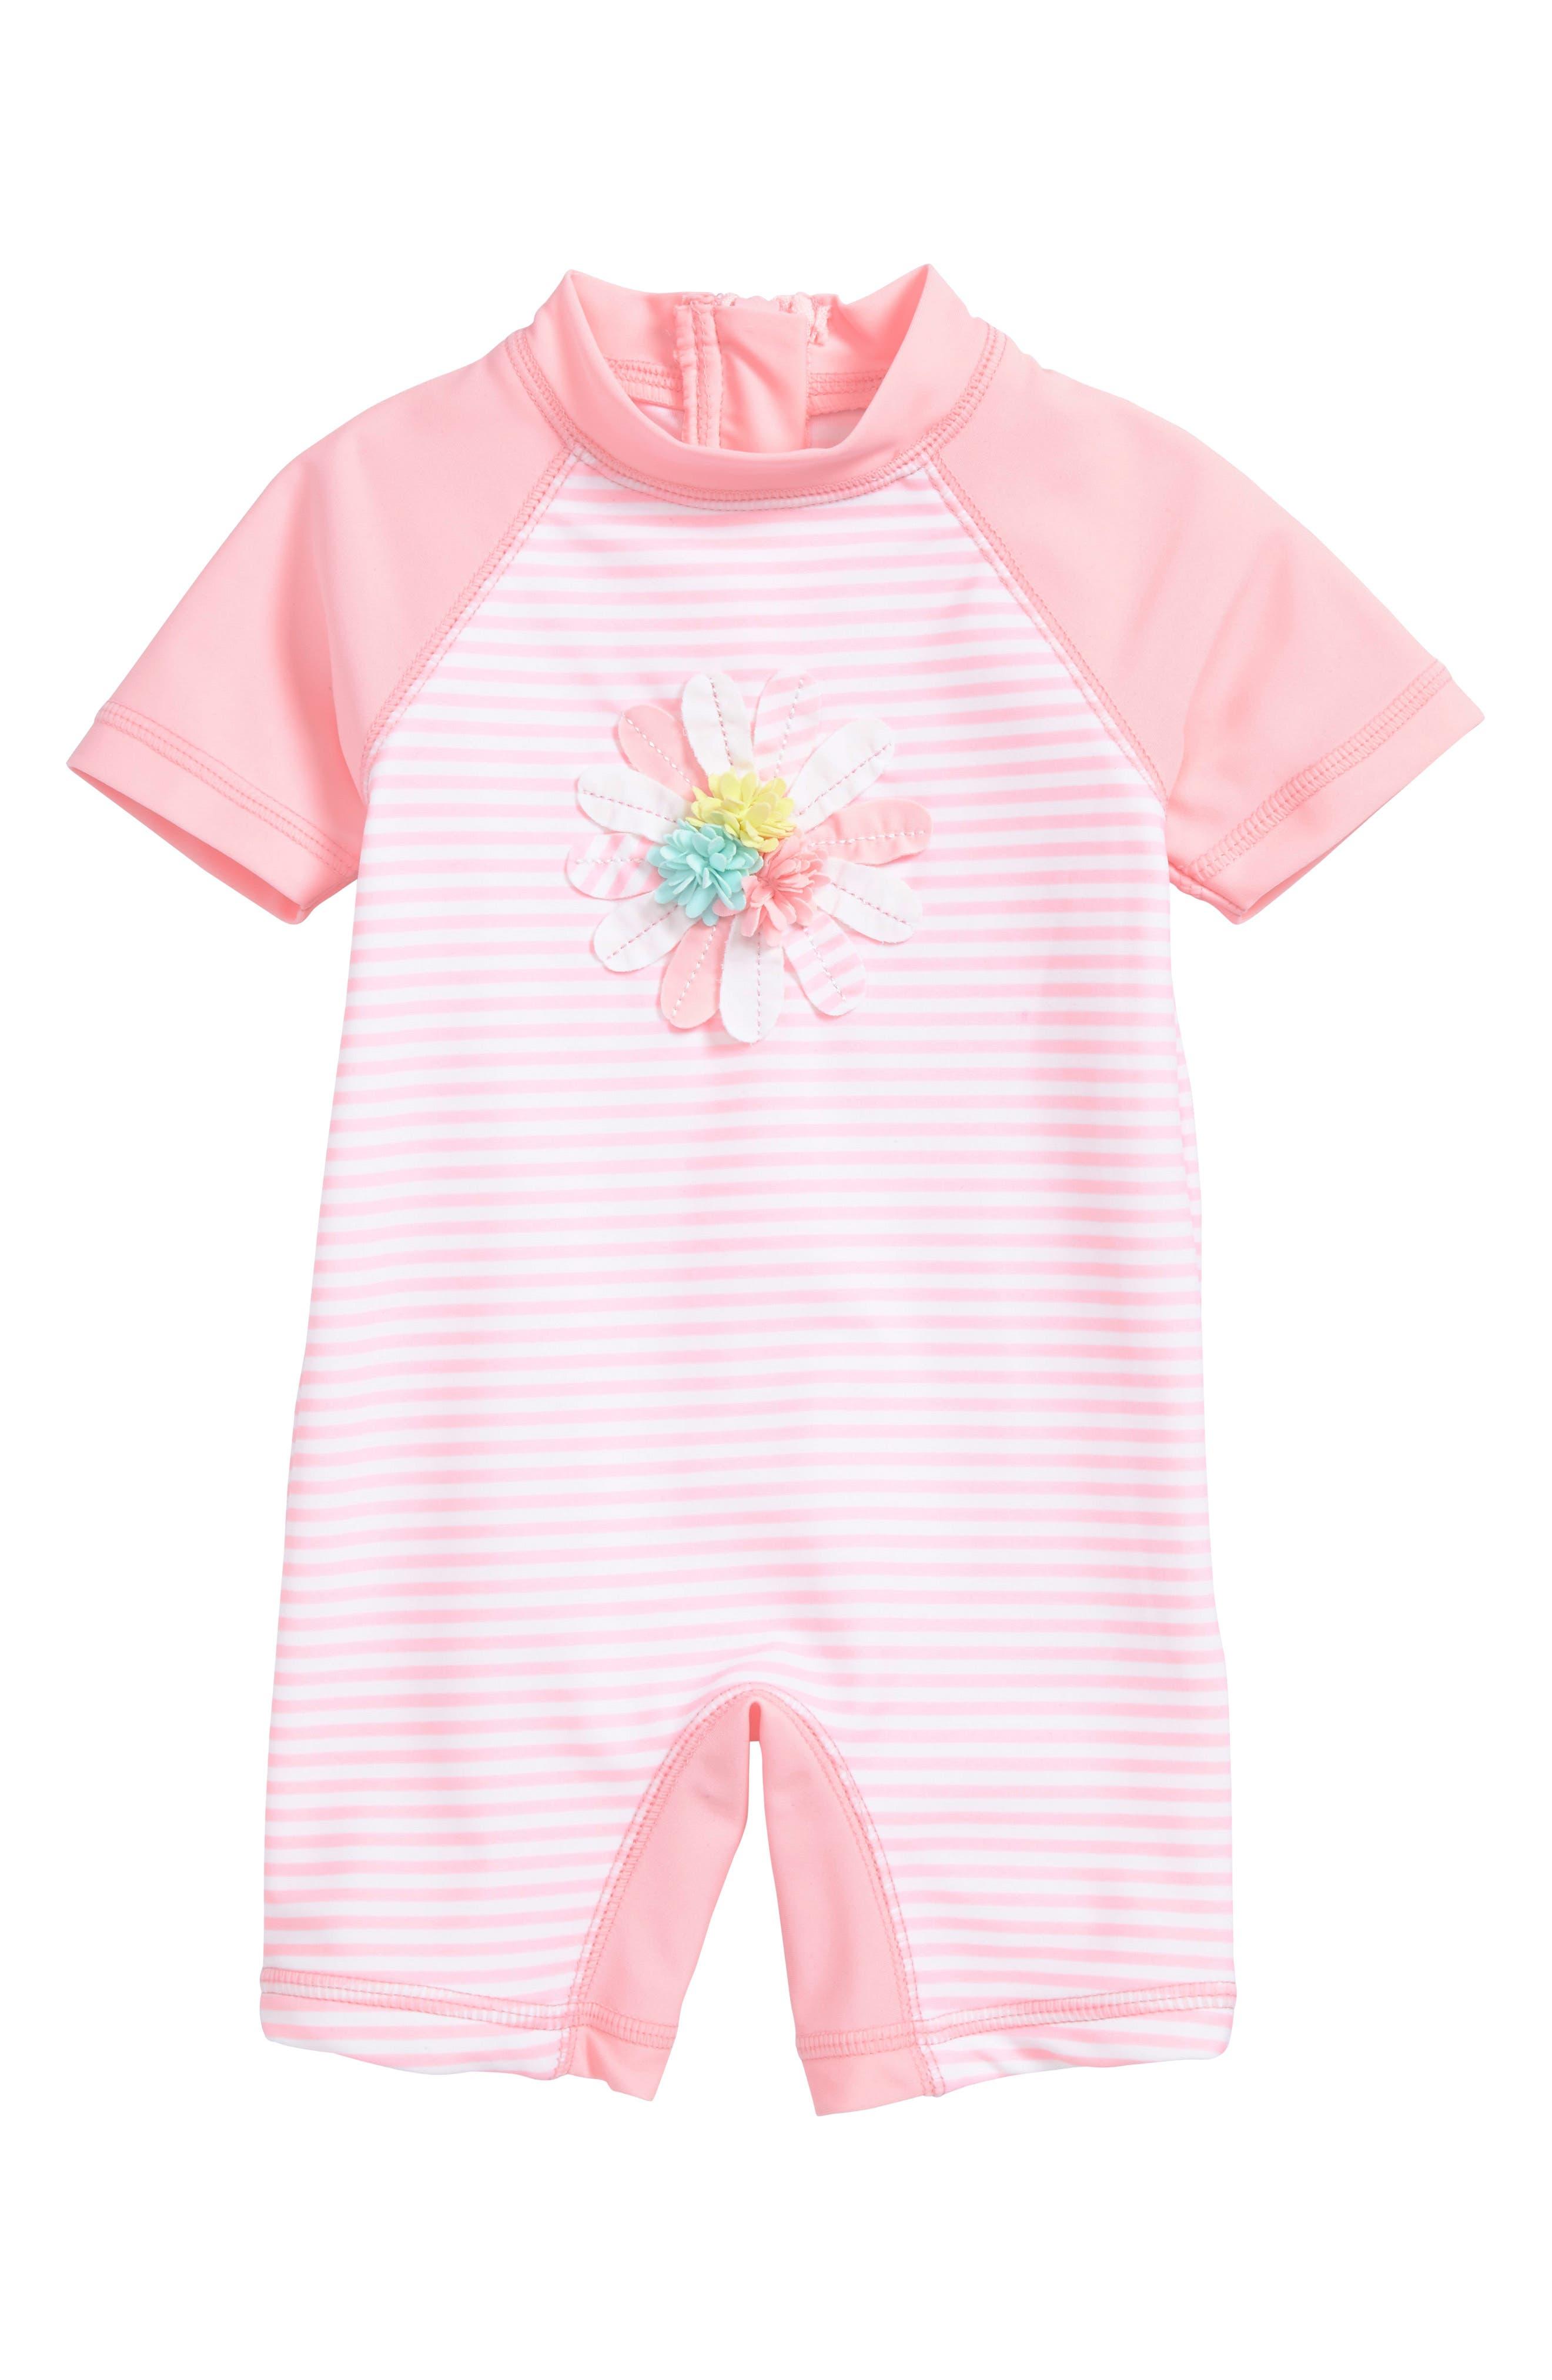 Floral Appliqué One-Piece Rashguard Swimsuit,                         Main,                         color, Pink Stripe